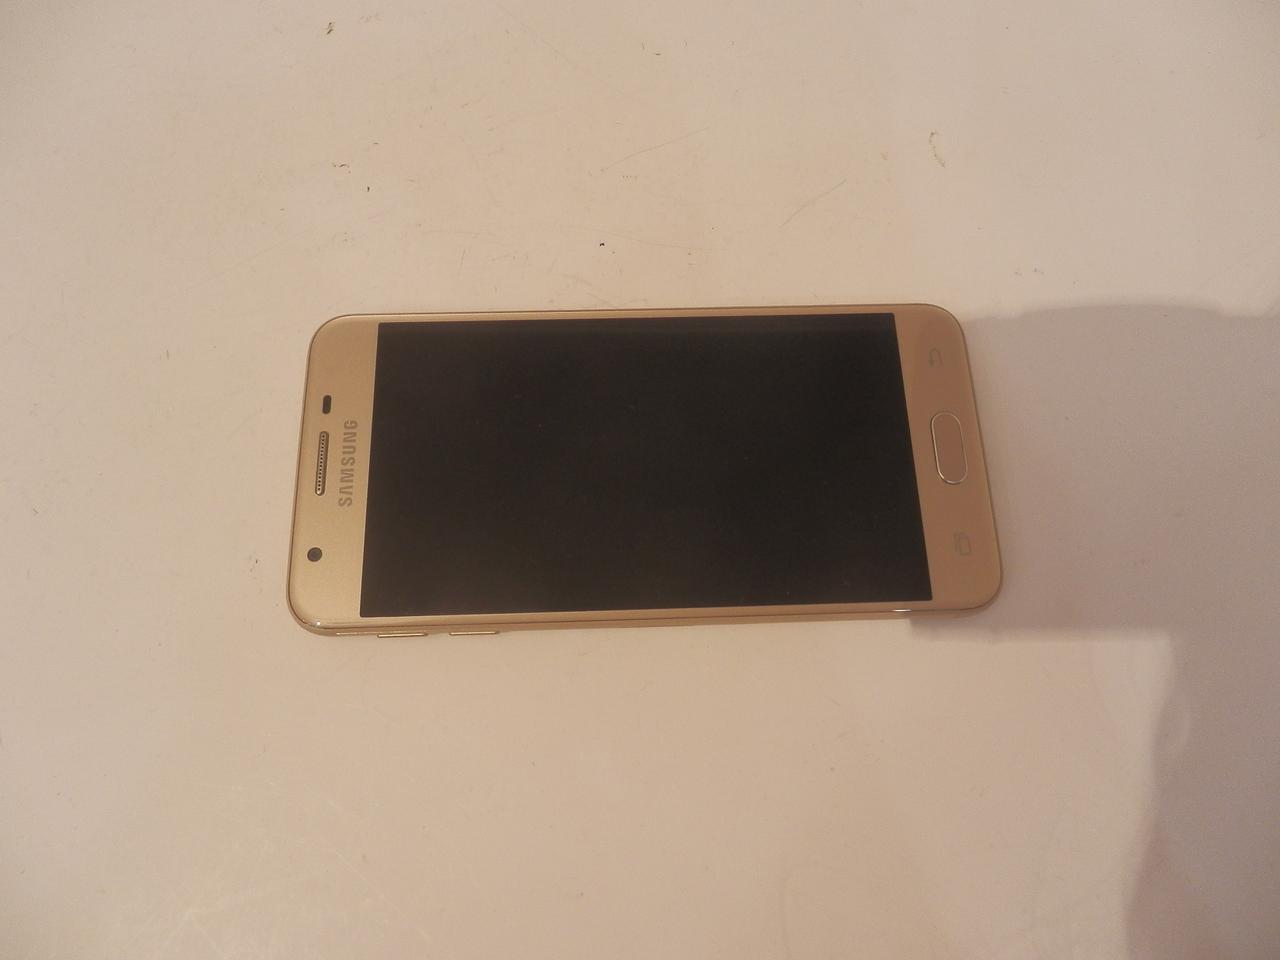 Samsung работает над «раскладушкой» Galaxy Folder 2 | Блог Comfy | 960x1280